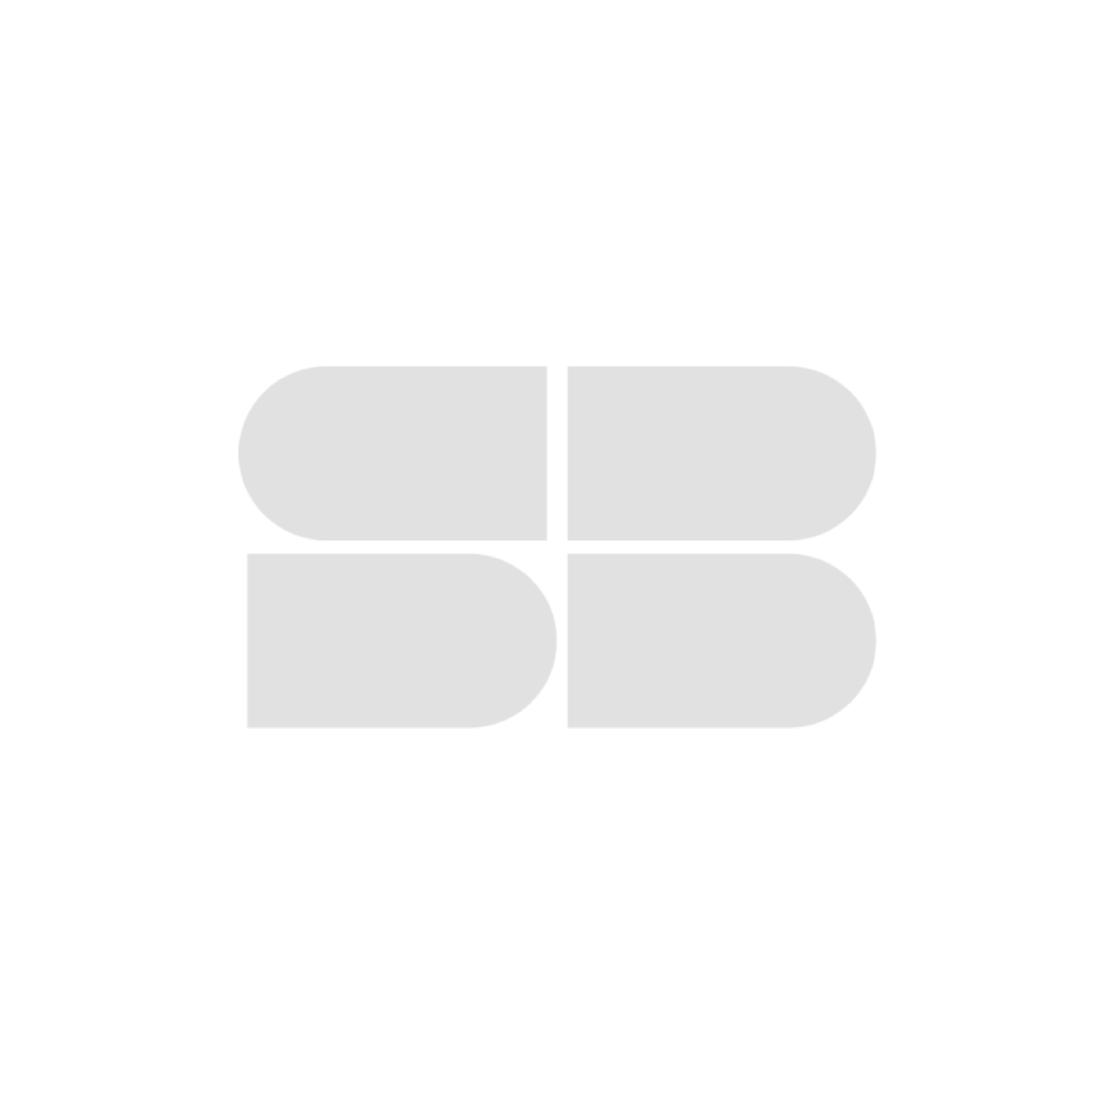 RESTONIC ที่นอน รุ่น REFLEX 3650 3.5 ฟุต พร้อมของแถม 3 รายการ